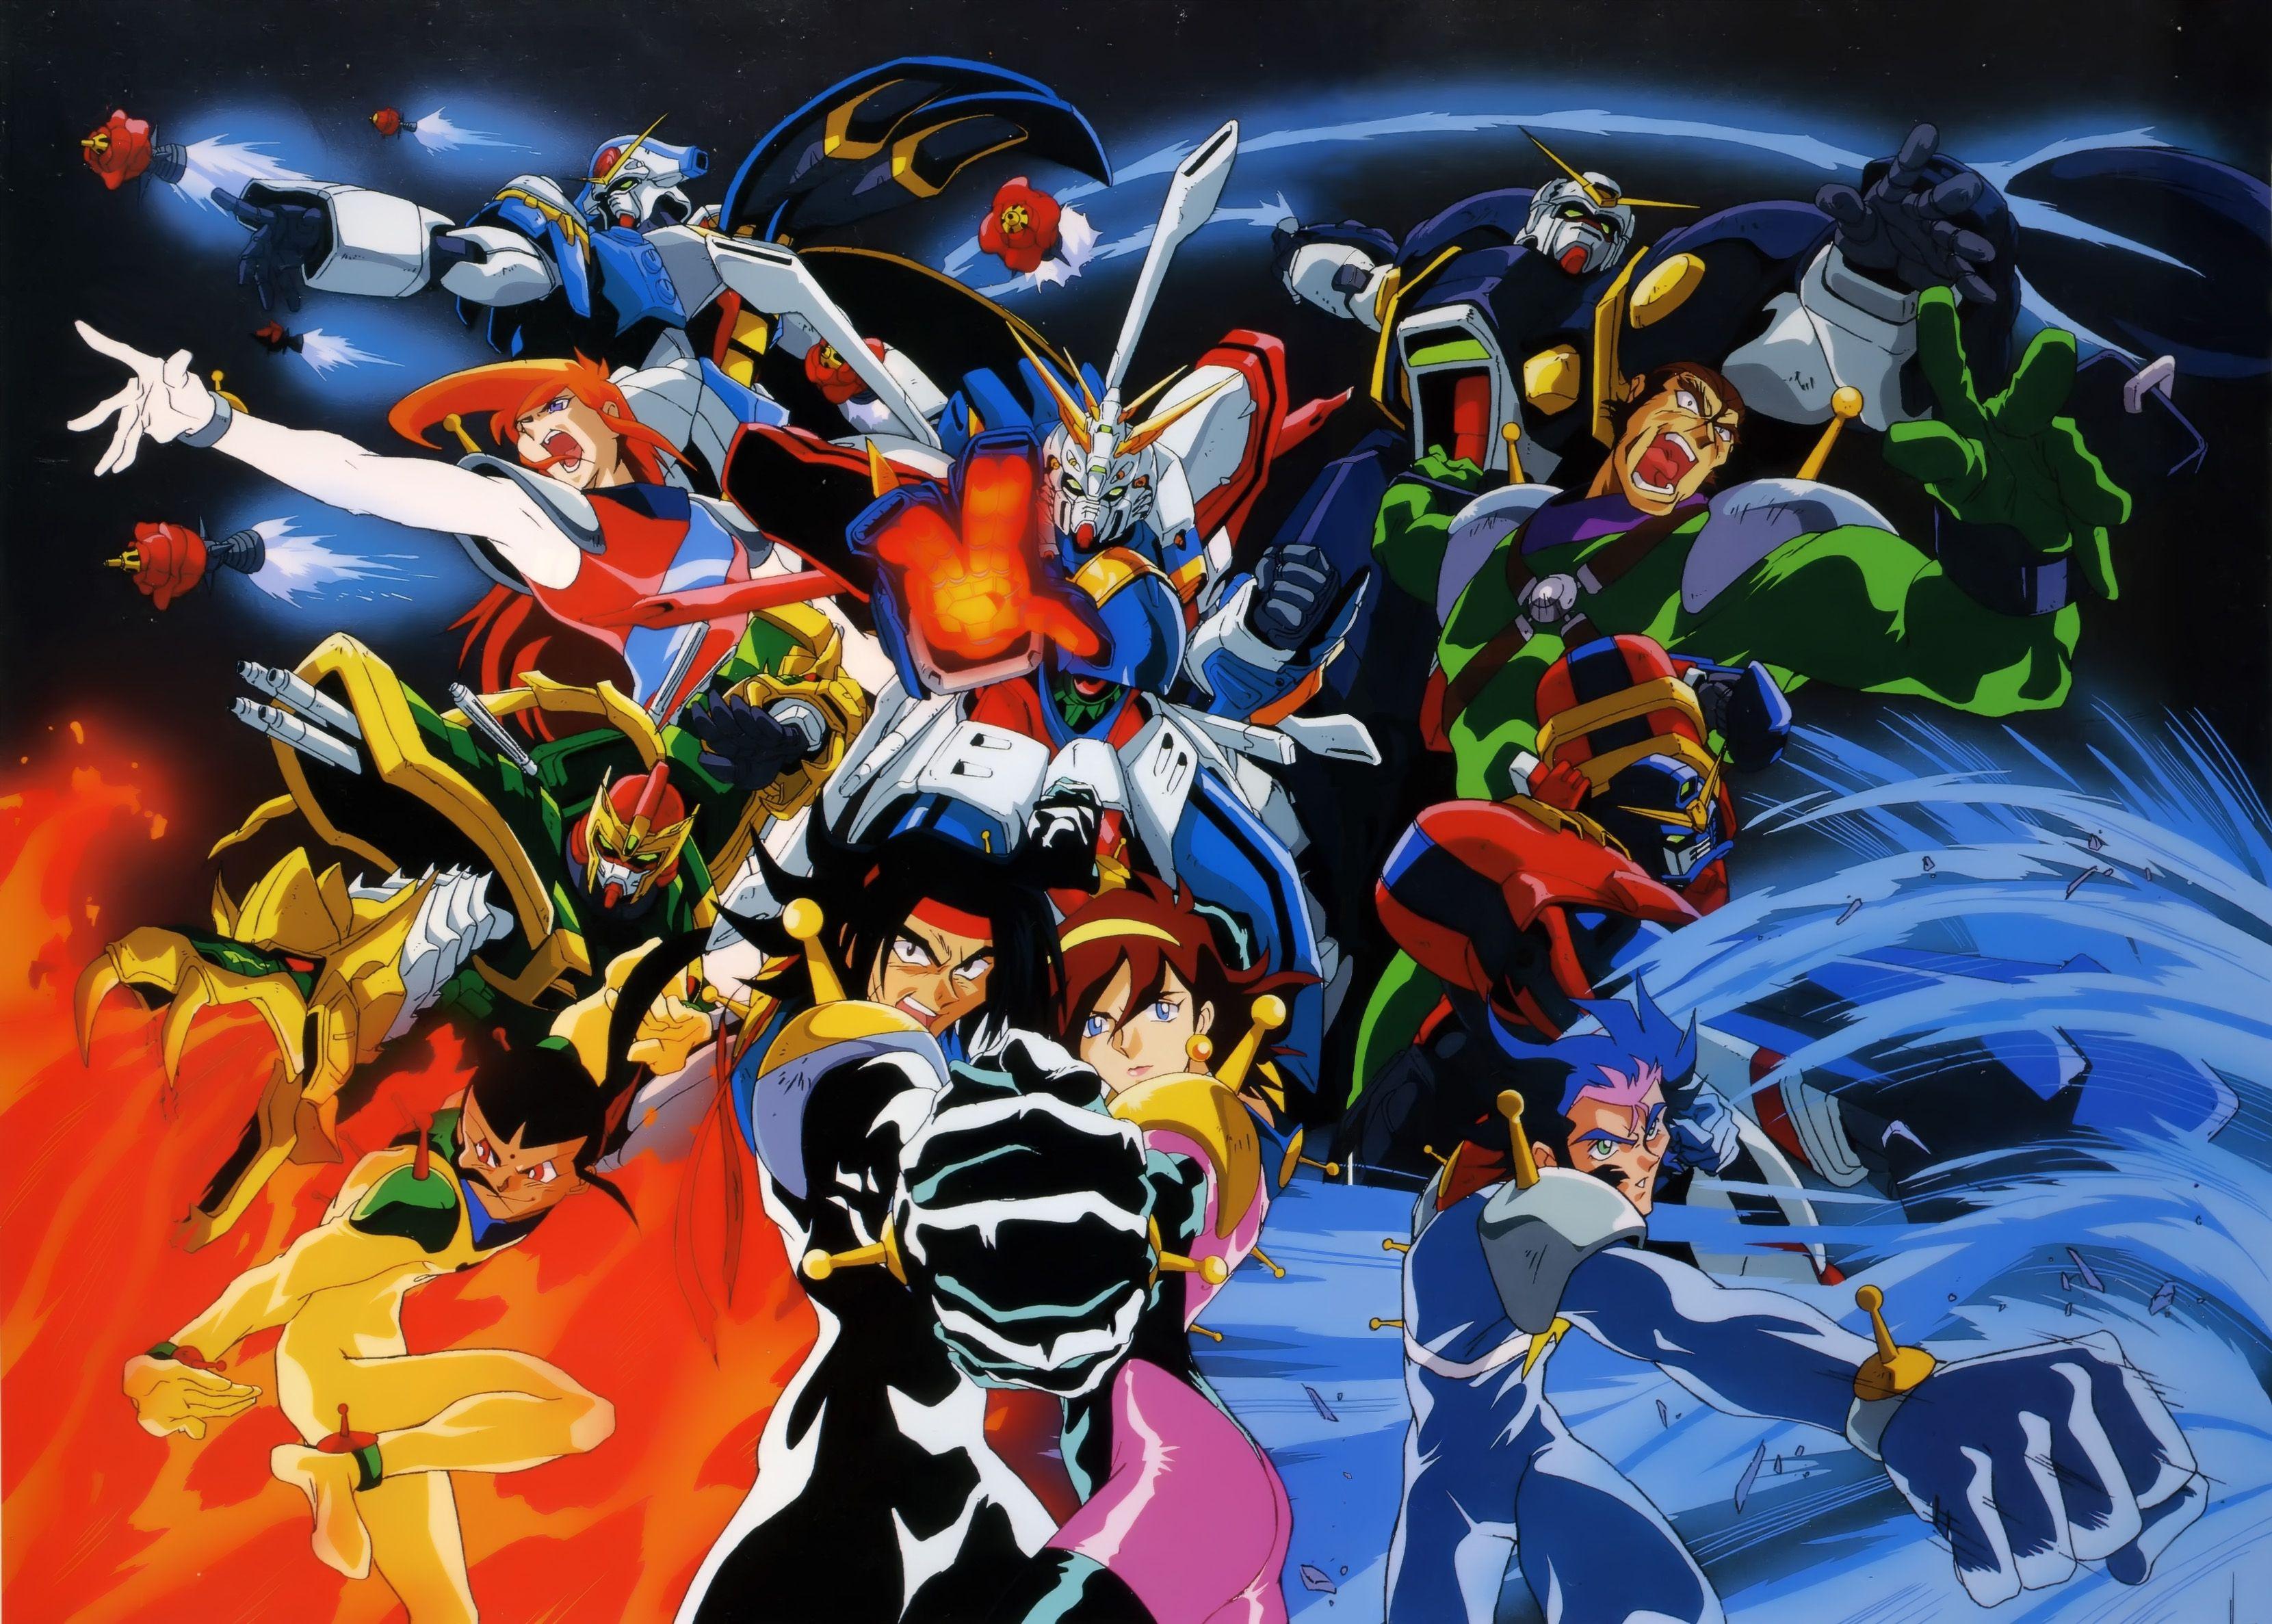 (機動武闘伝Gガンダム) Mobil Fighter G Gundam. A Mecha anime filled